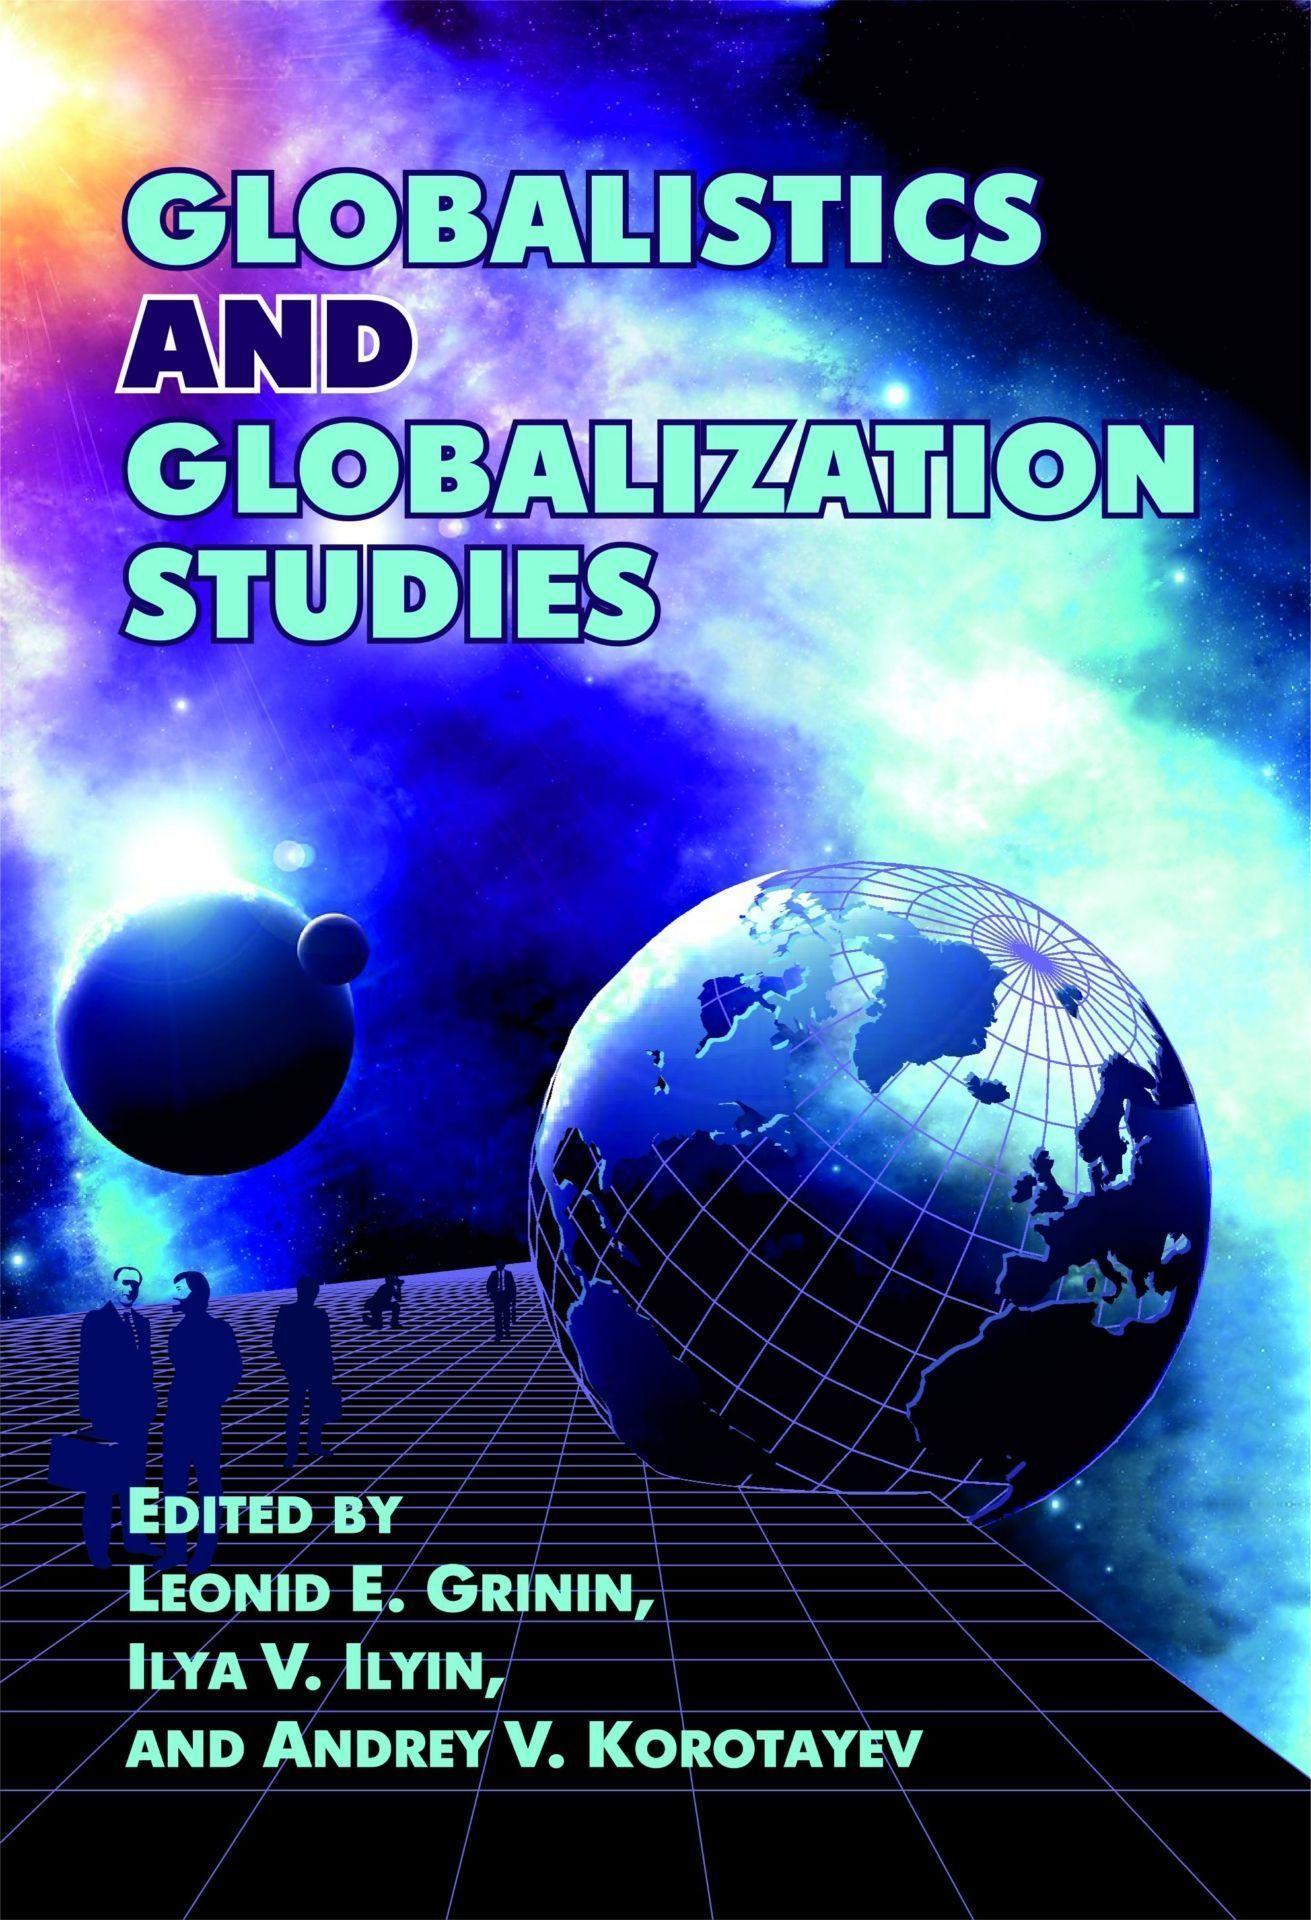 Globalistics and globalization studiesВУЗ<br>Глобализация сегодня выступает как центральный по важности глобальный процесс, при том что общее число глобальных процессов, оказывающихся в фокусе научного рассмотрения, постоянно растет. Глобализация многолика, она принимает свой образ в разных странах,...<br><br>Авторы: Гринин Л. Е., Ильин И.В., Коротаев А. В.<br>Год: 2012<br>Серия: Для студентов и преподавателей<br>ISBN: 978-5-7057-3167-1